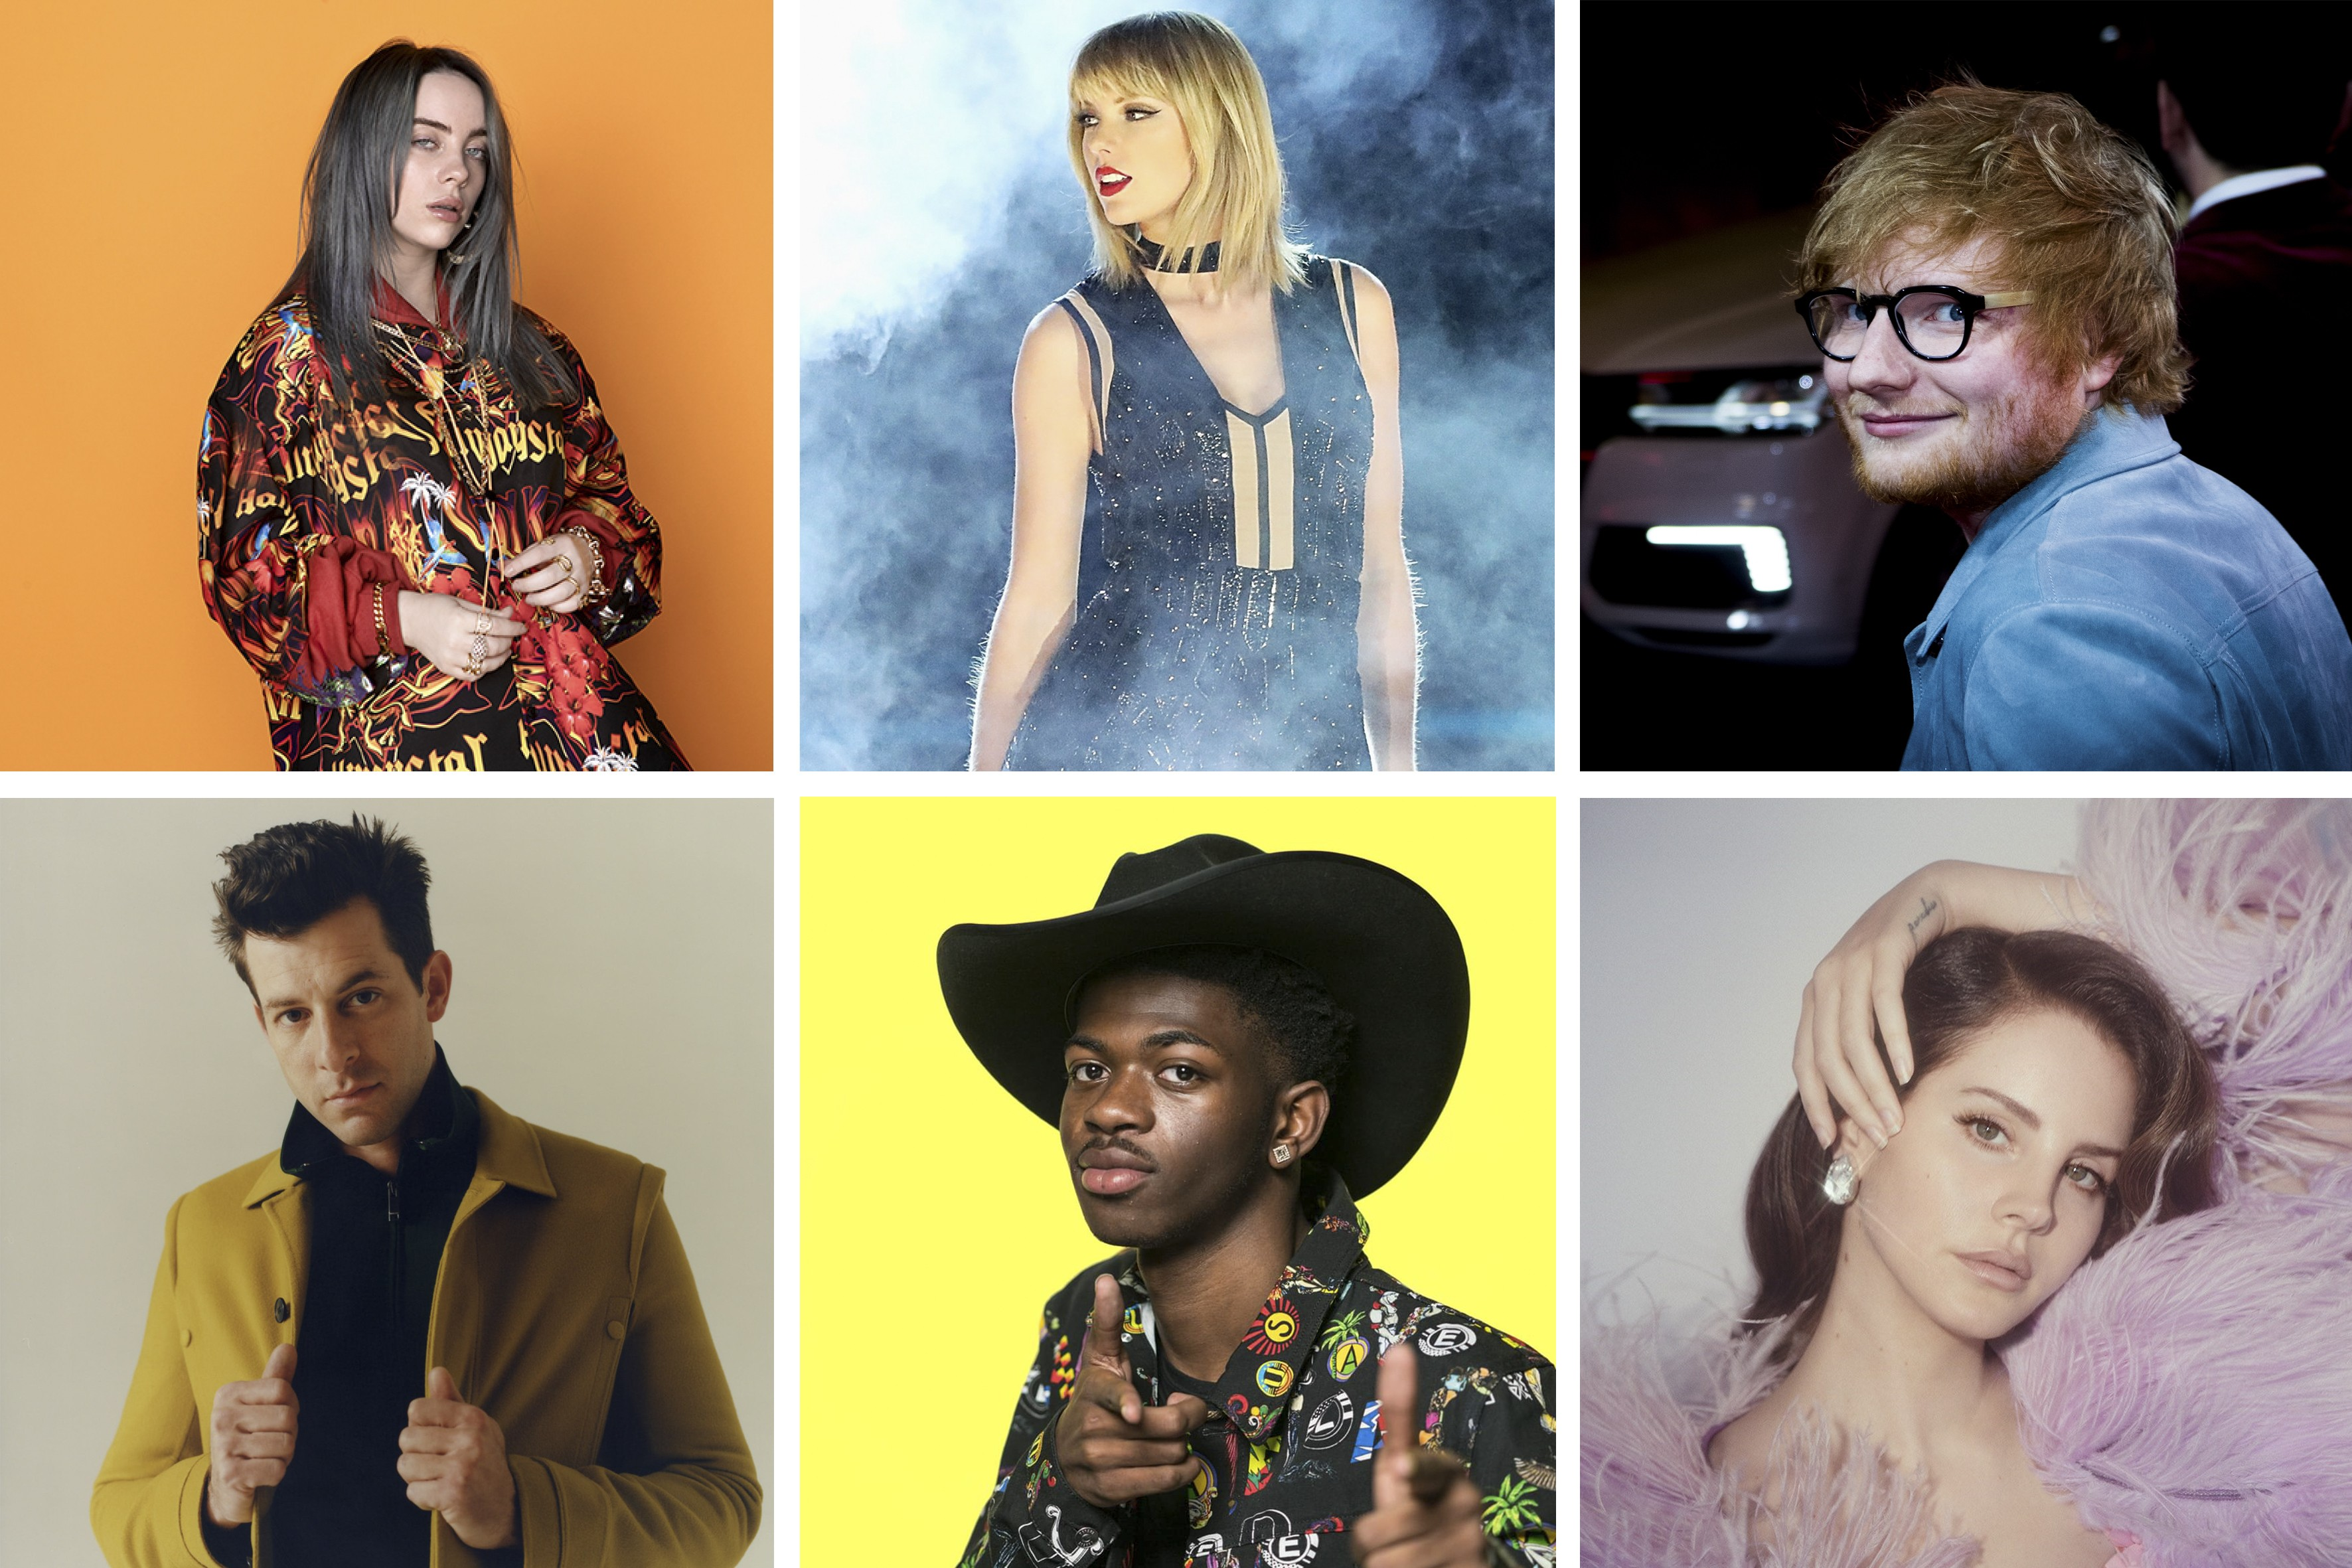 10 best songs of summer 2019: Billie Eilish, Taylor Swift, Madonna